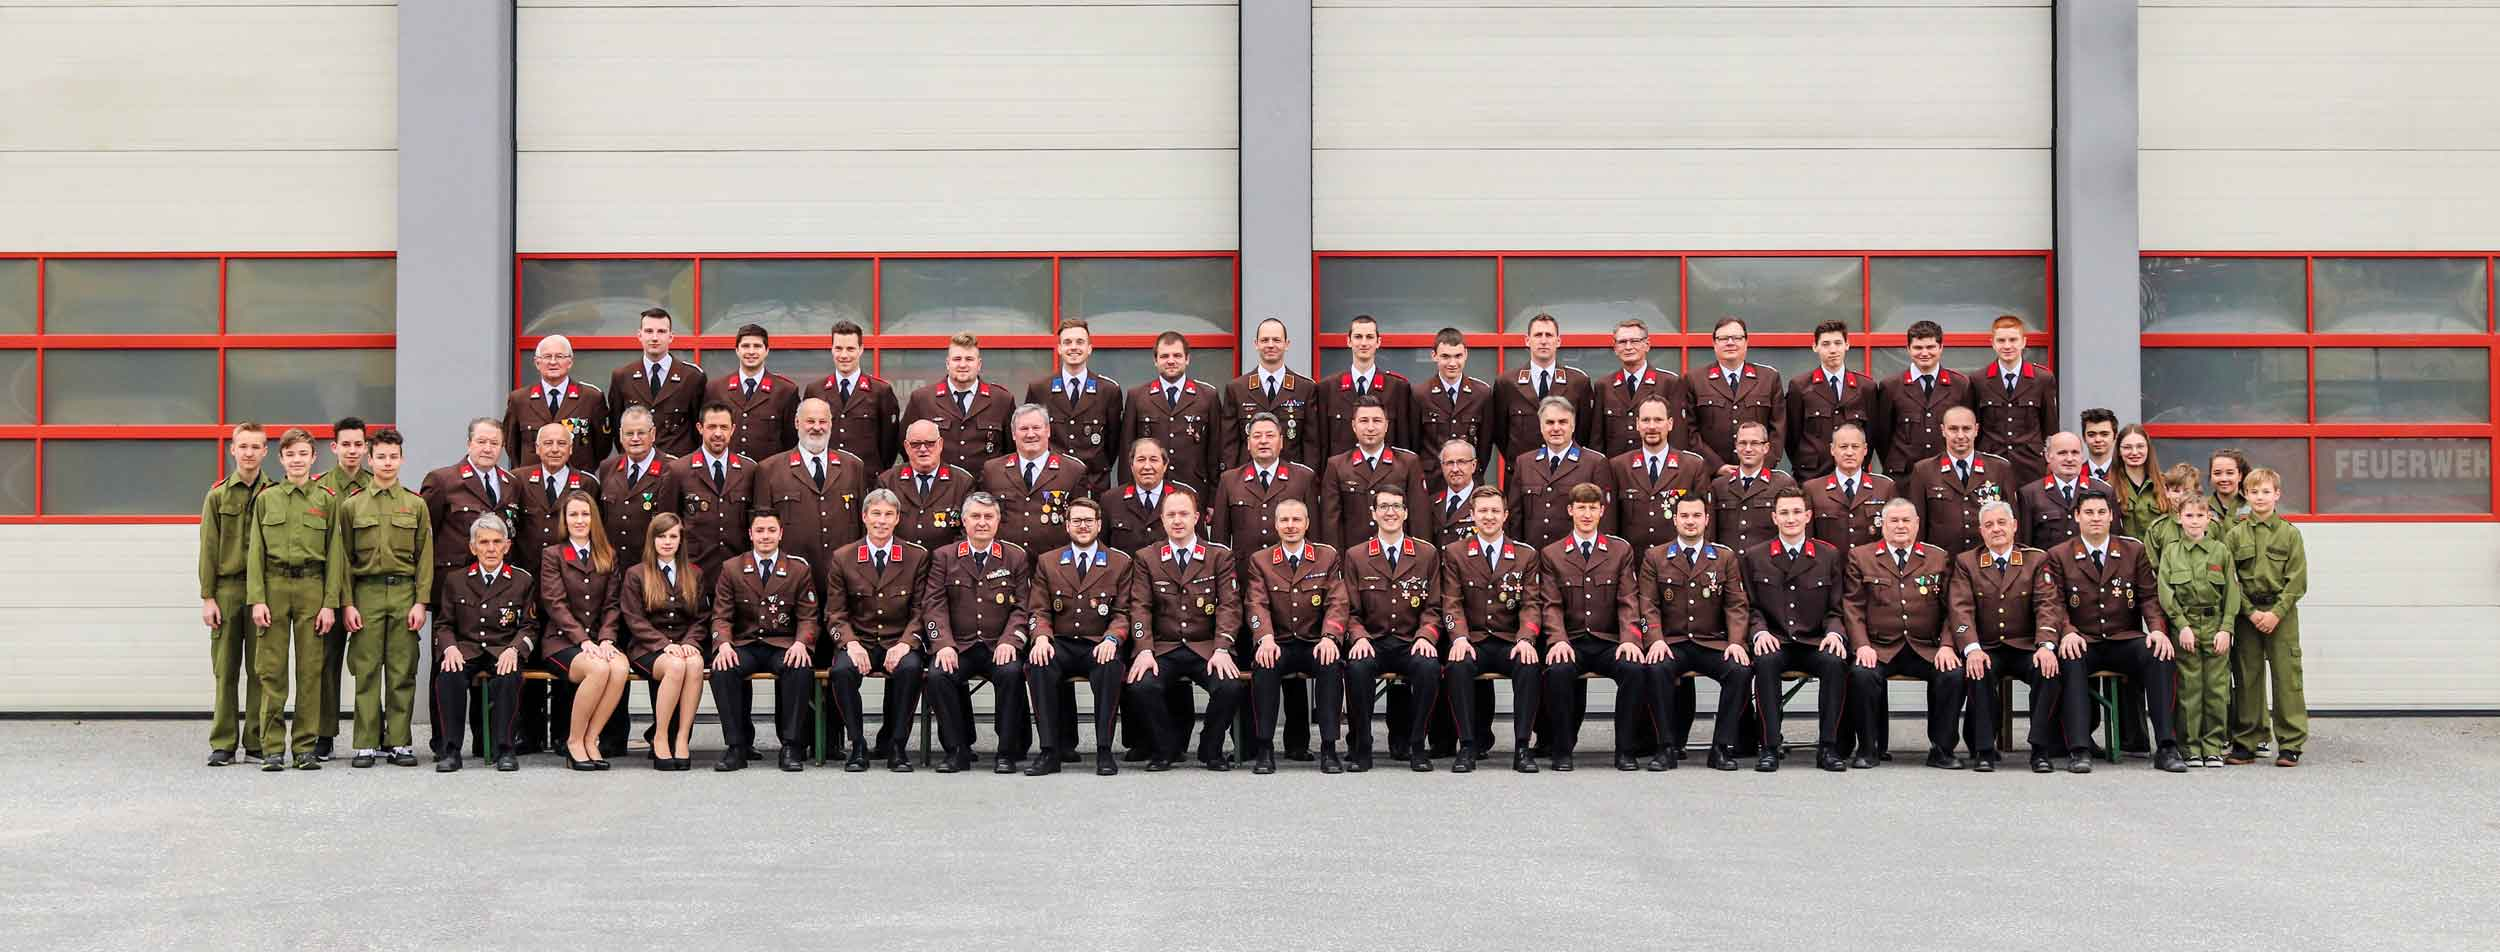 Mannschaft Freiwillige Feuerwehr Markt Ligist